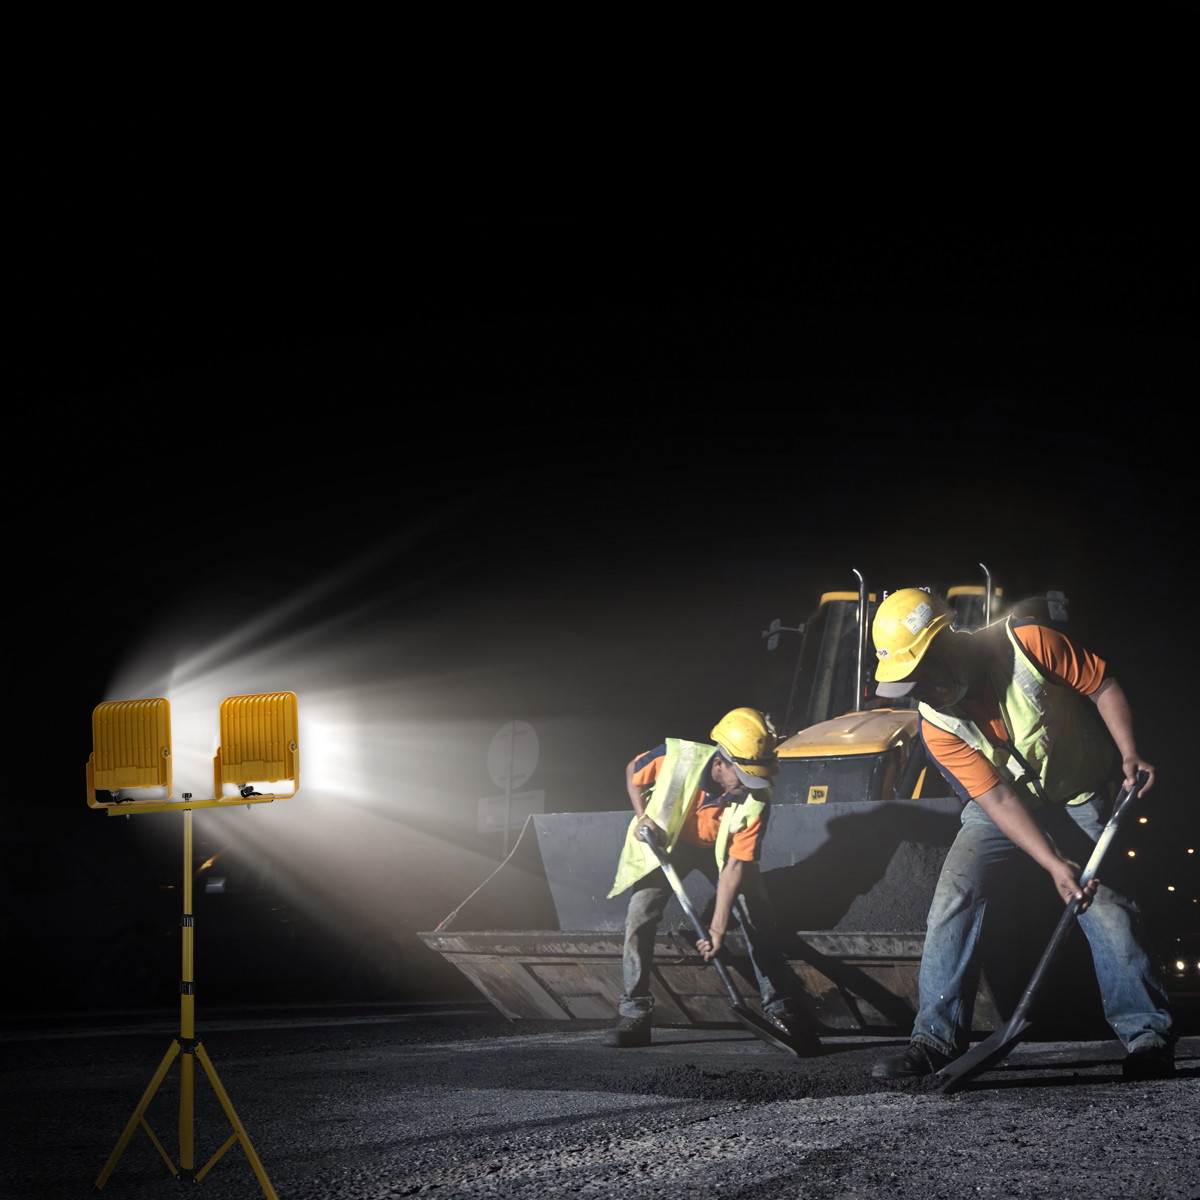 V-TAC LED Work Lights Bring Safety & Efficiency To Work Sites